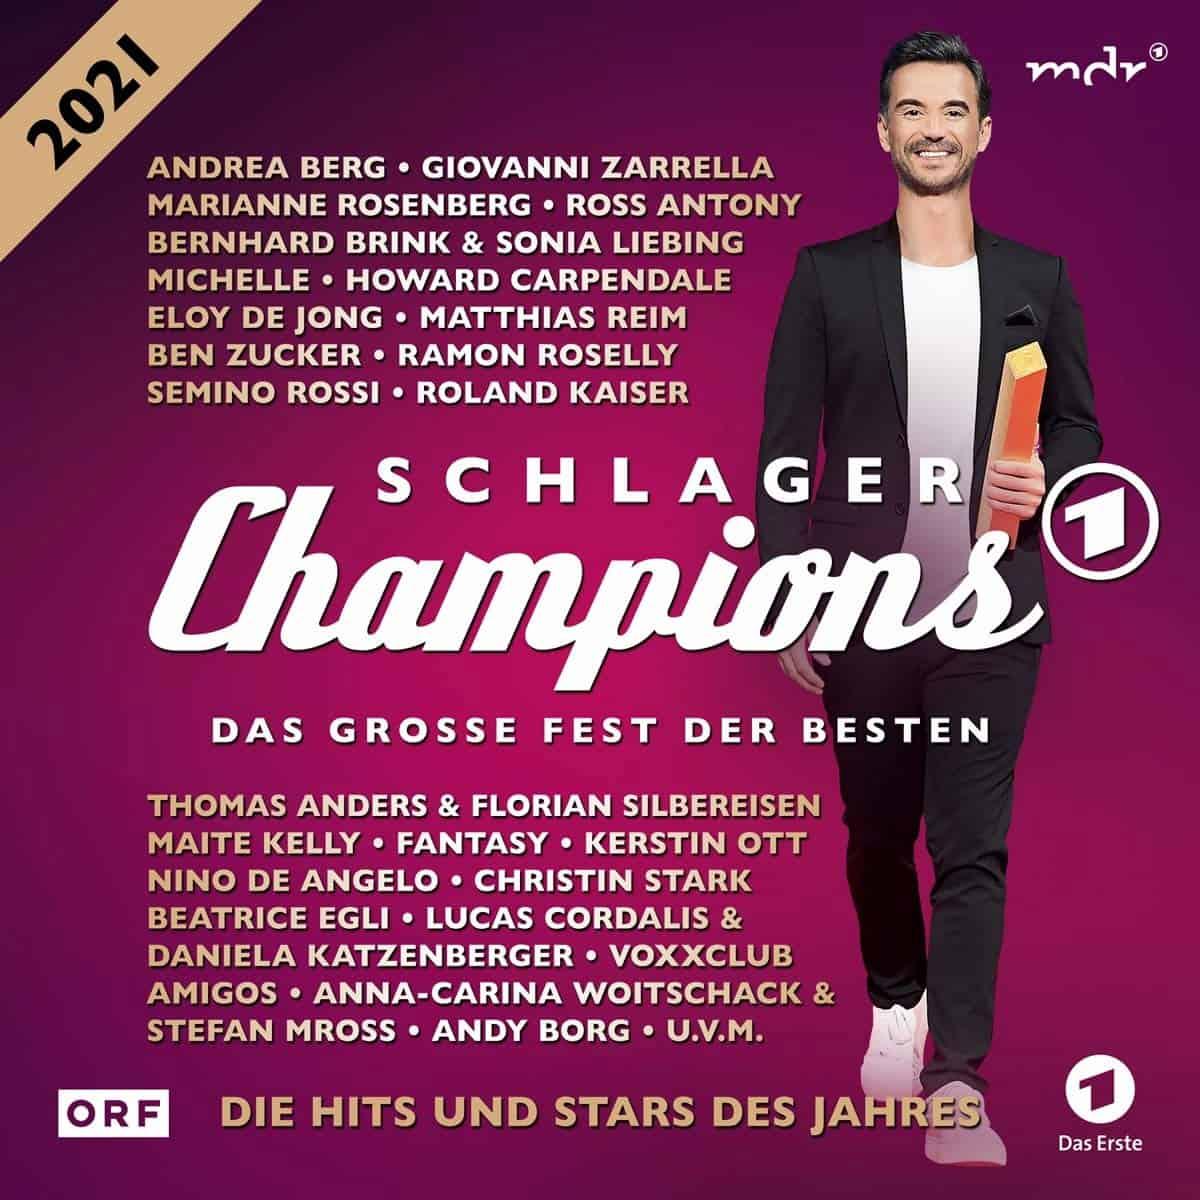 CD Schlagerchampions 2021 - Das große Fest der Besten